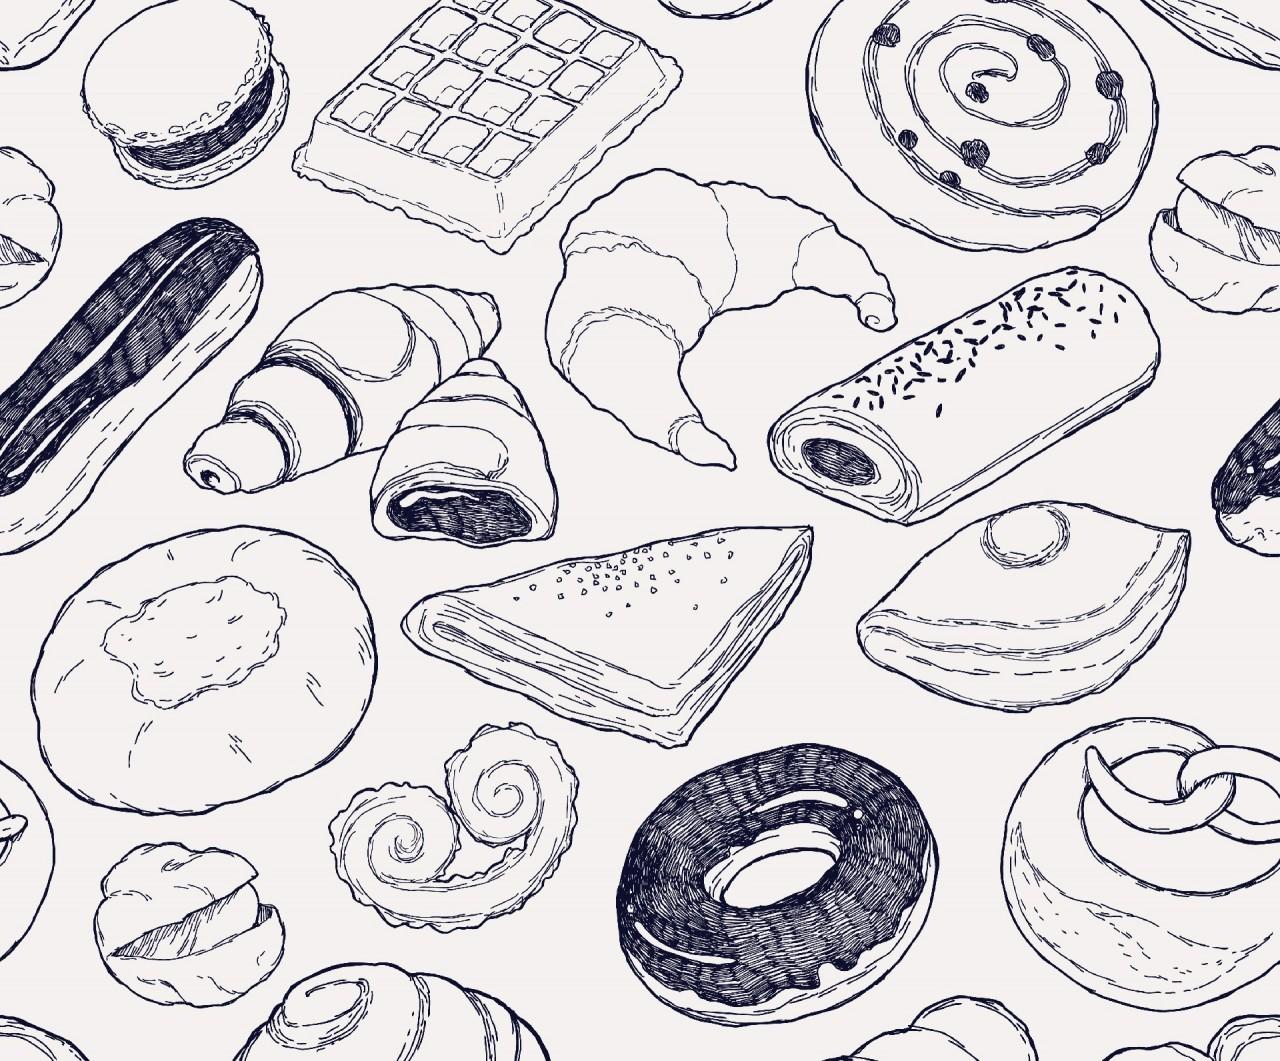 Alimentos que contém carboidratos rápidos, Alimentos que contém carboidratos lentos, Como identificar carboidratos rápidos e lentos